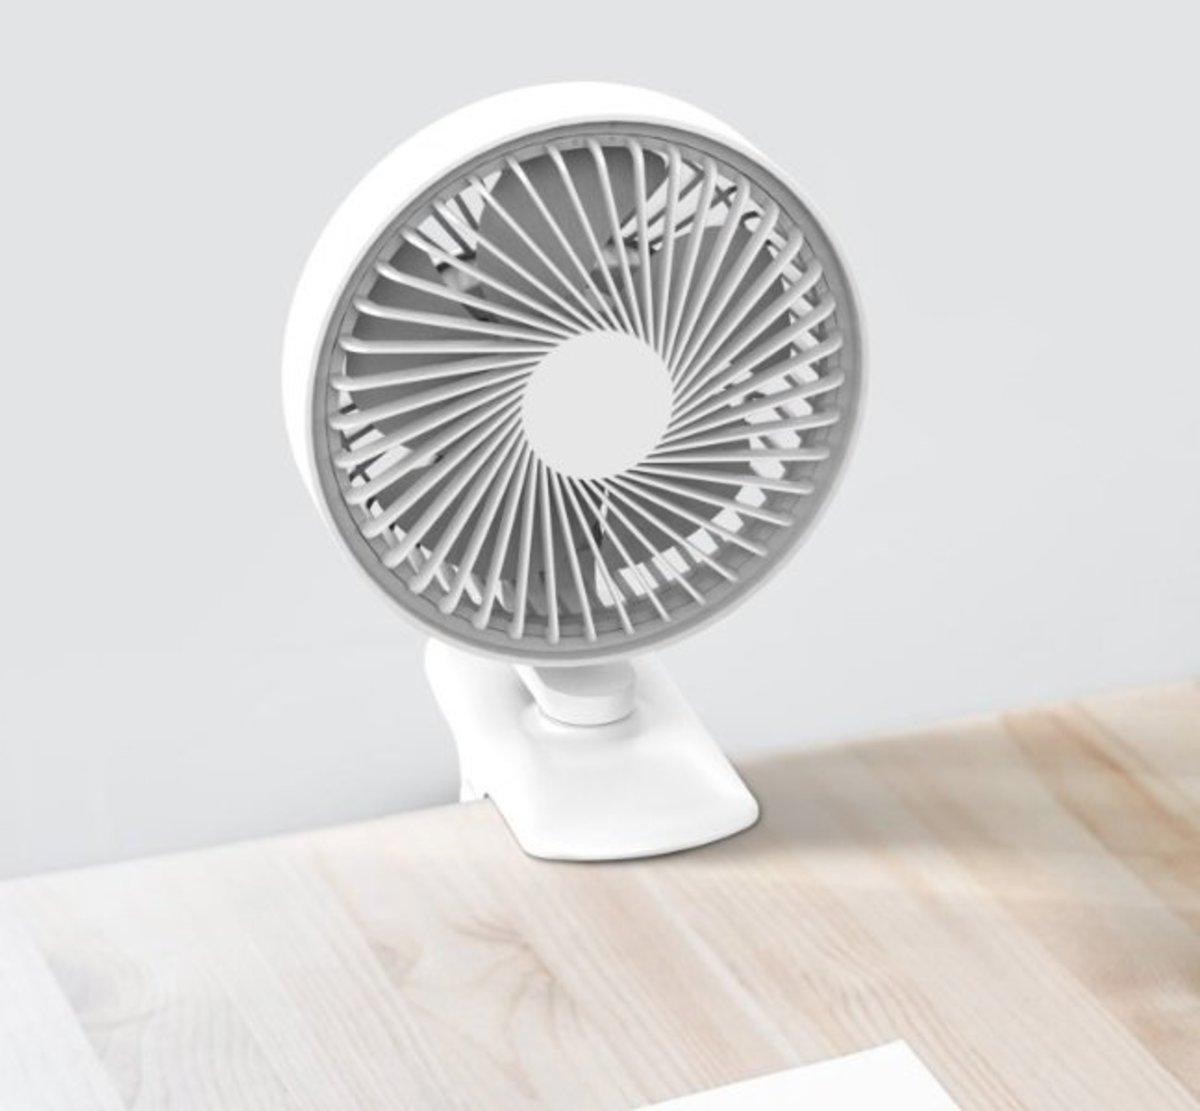 CLIP Fan 夾扇 坐枱風扇 充電風扇 靜音 白色 (801-277)